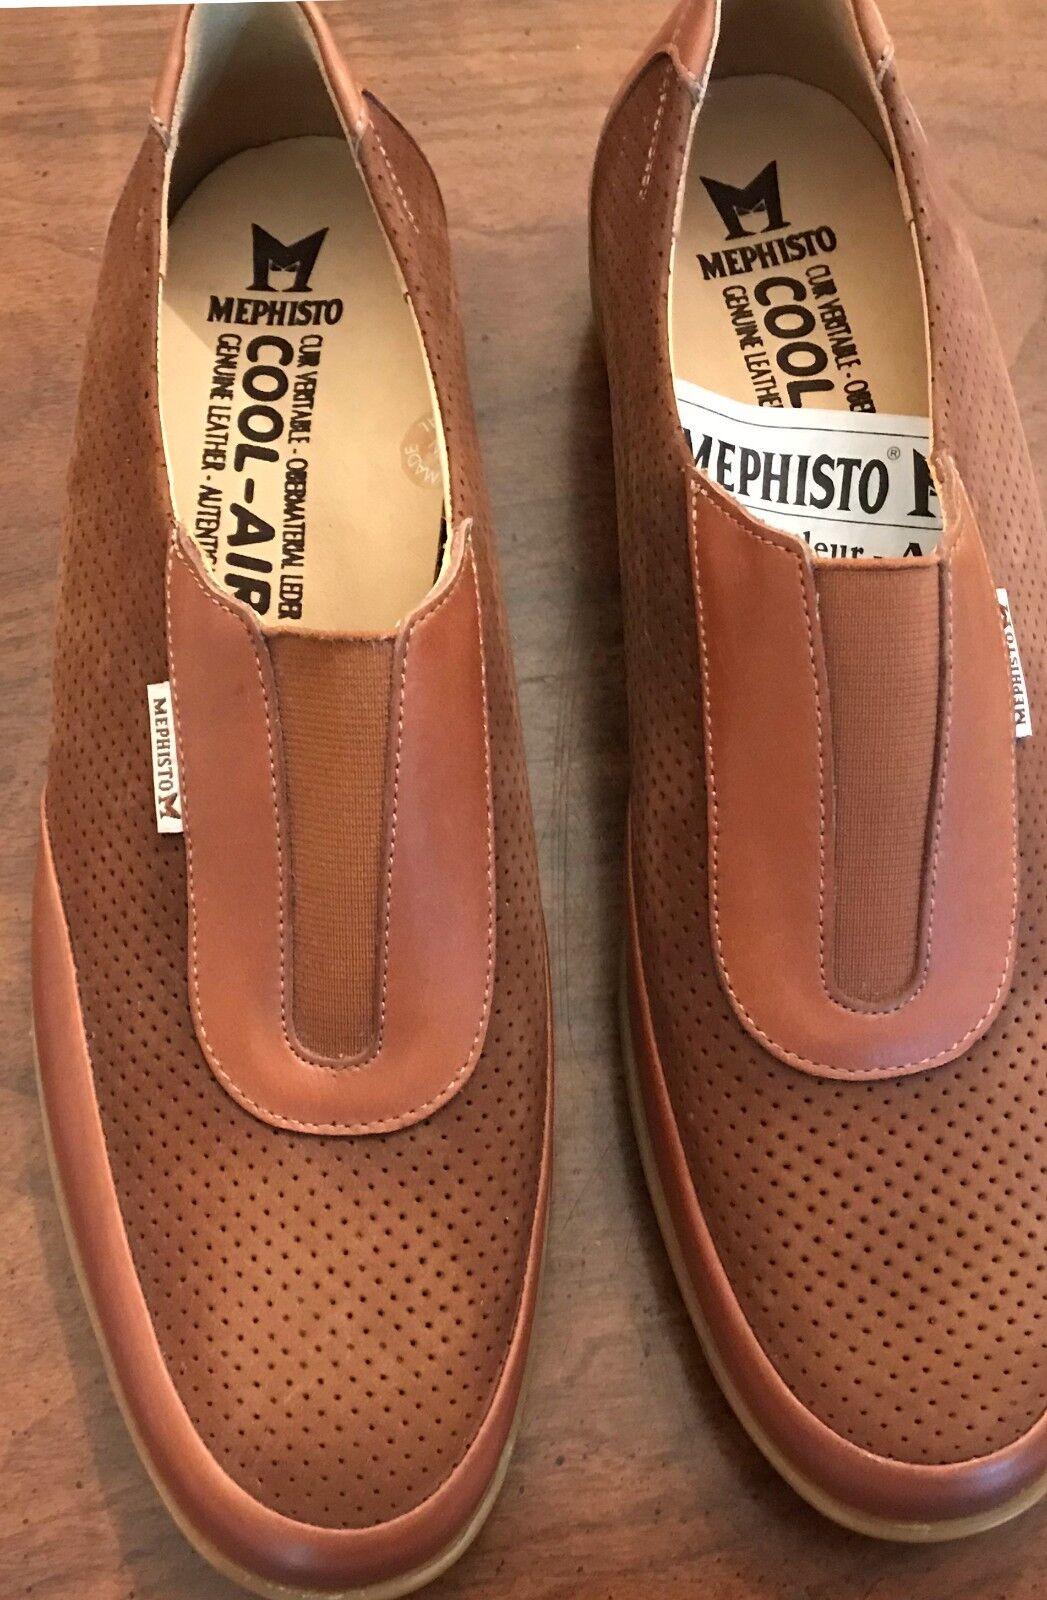 Mephisto 100% cuero superior (mujer) S S S 9 B Marrón Zapatos Para Caminar plana Slip On  primera vez respuesta